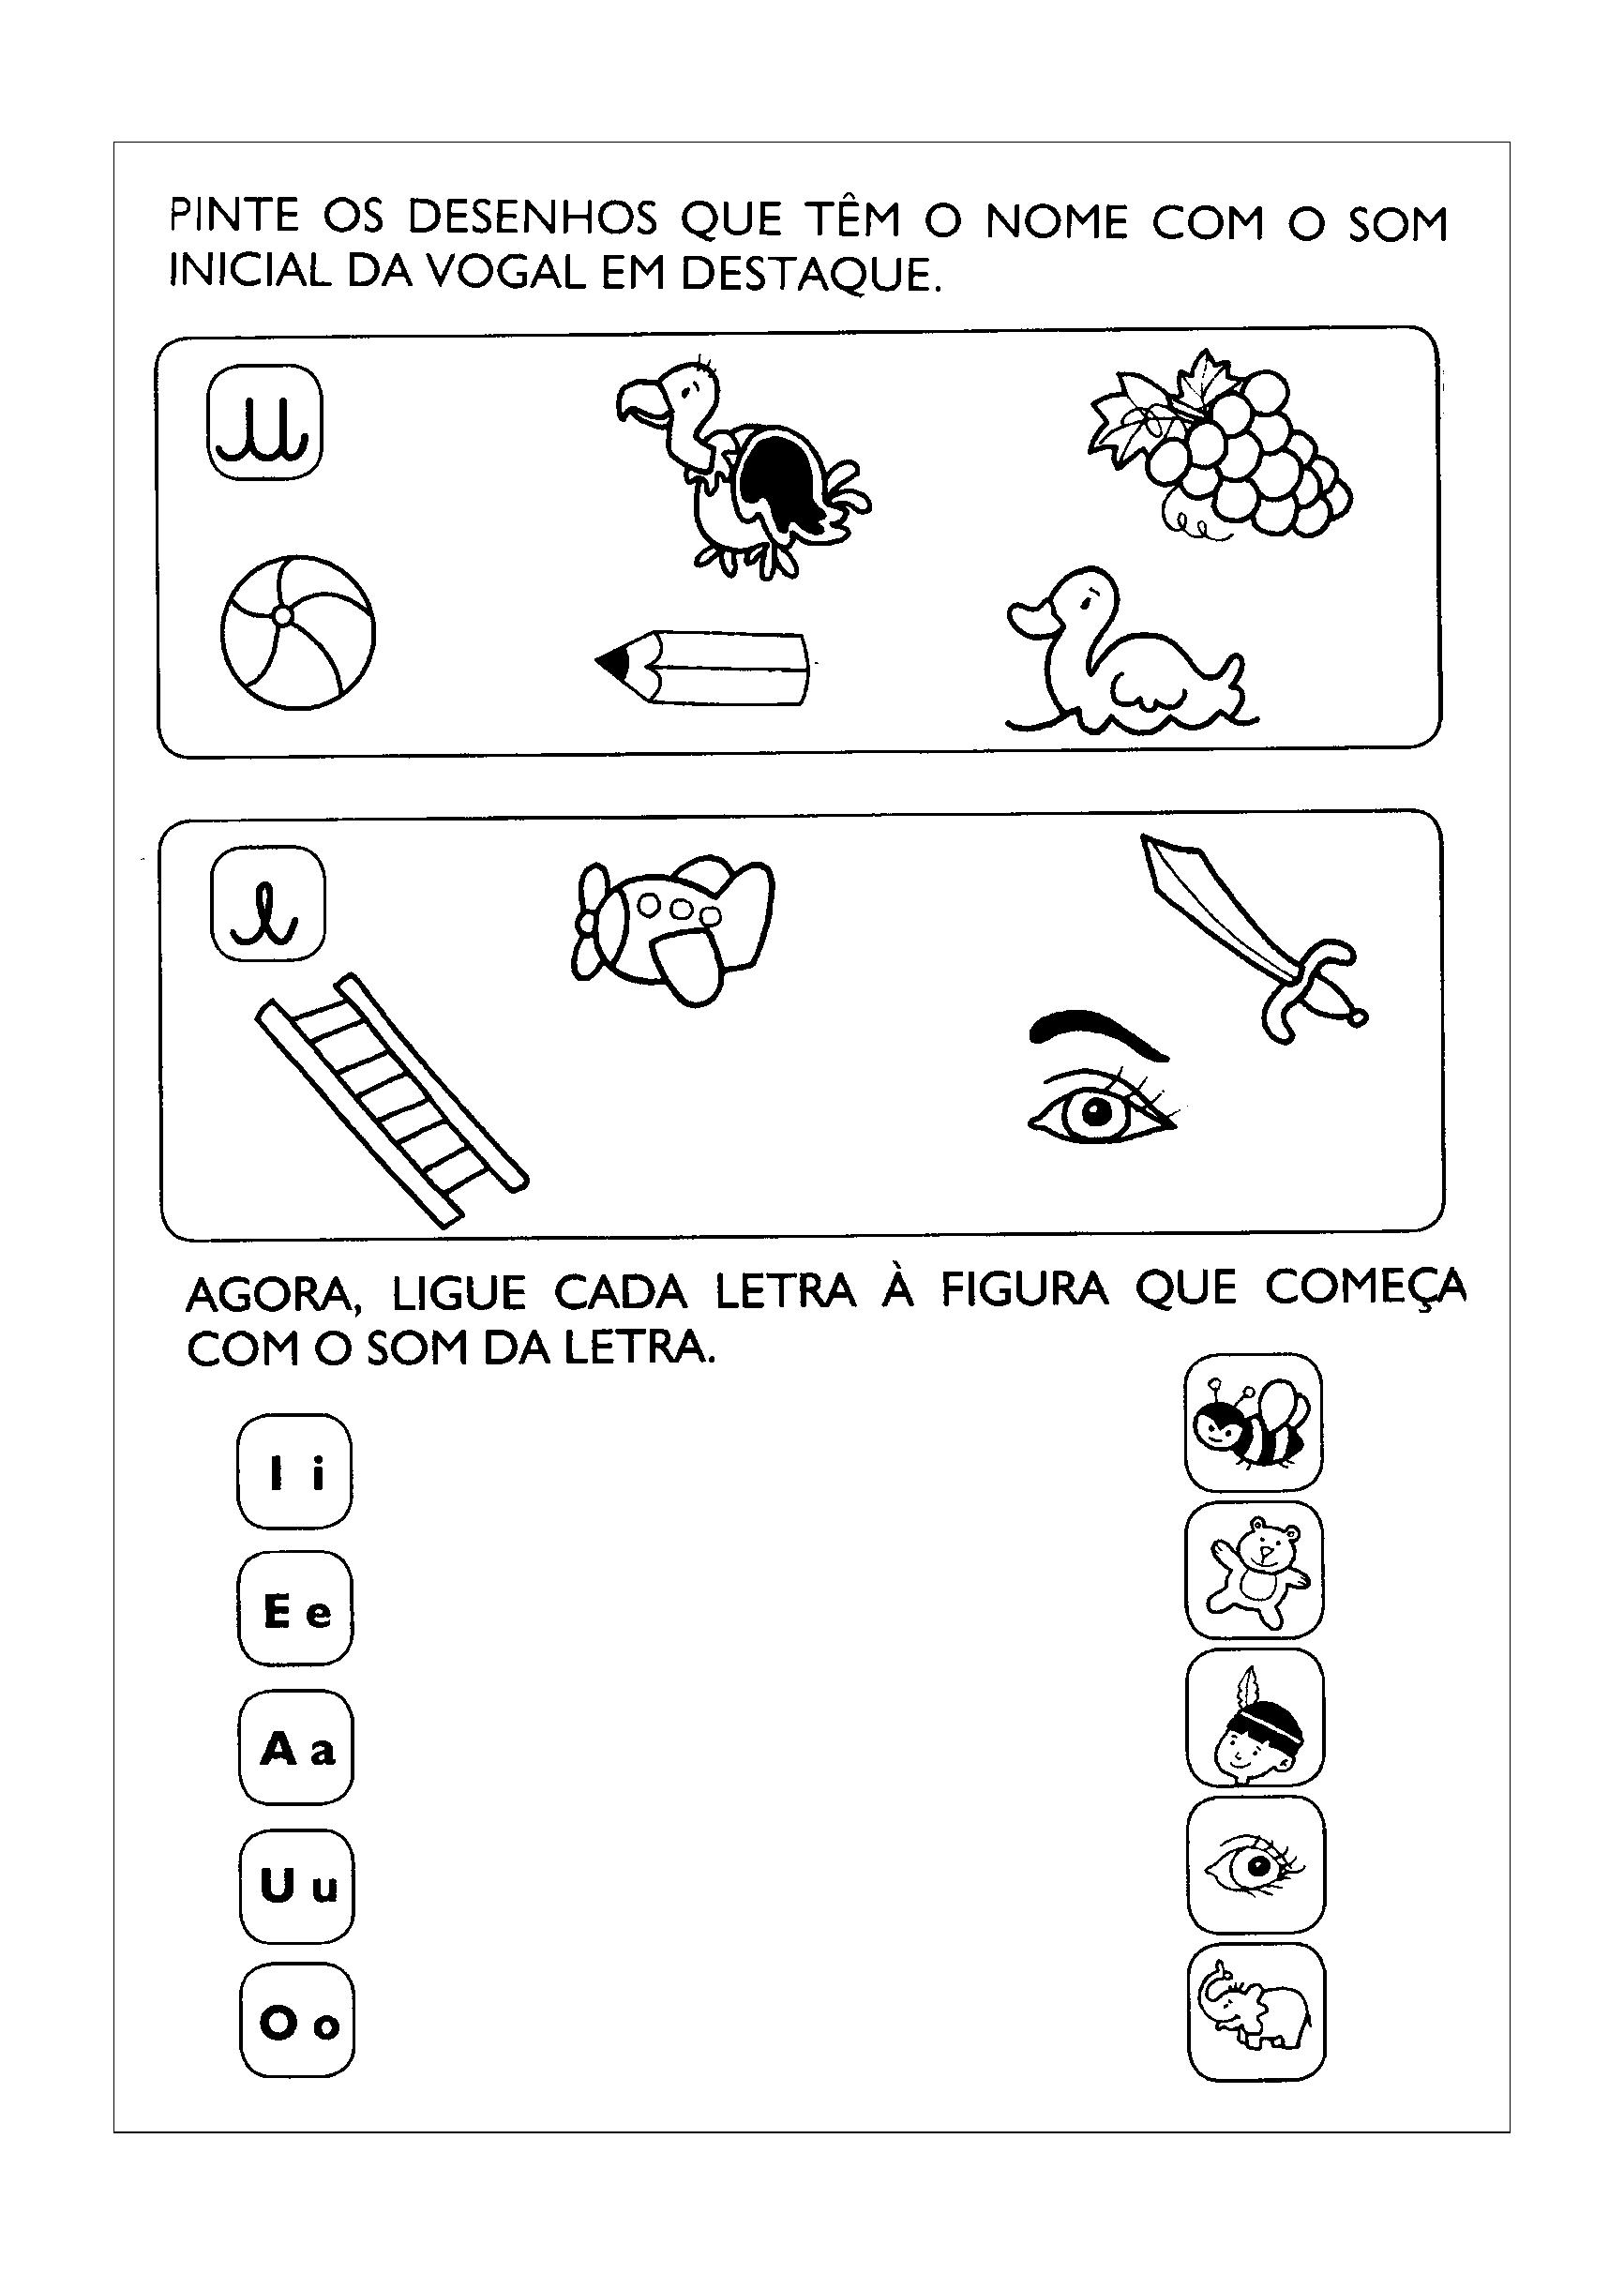 pintar_desenhos_vogais_ligar_inicial